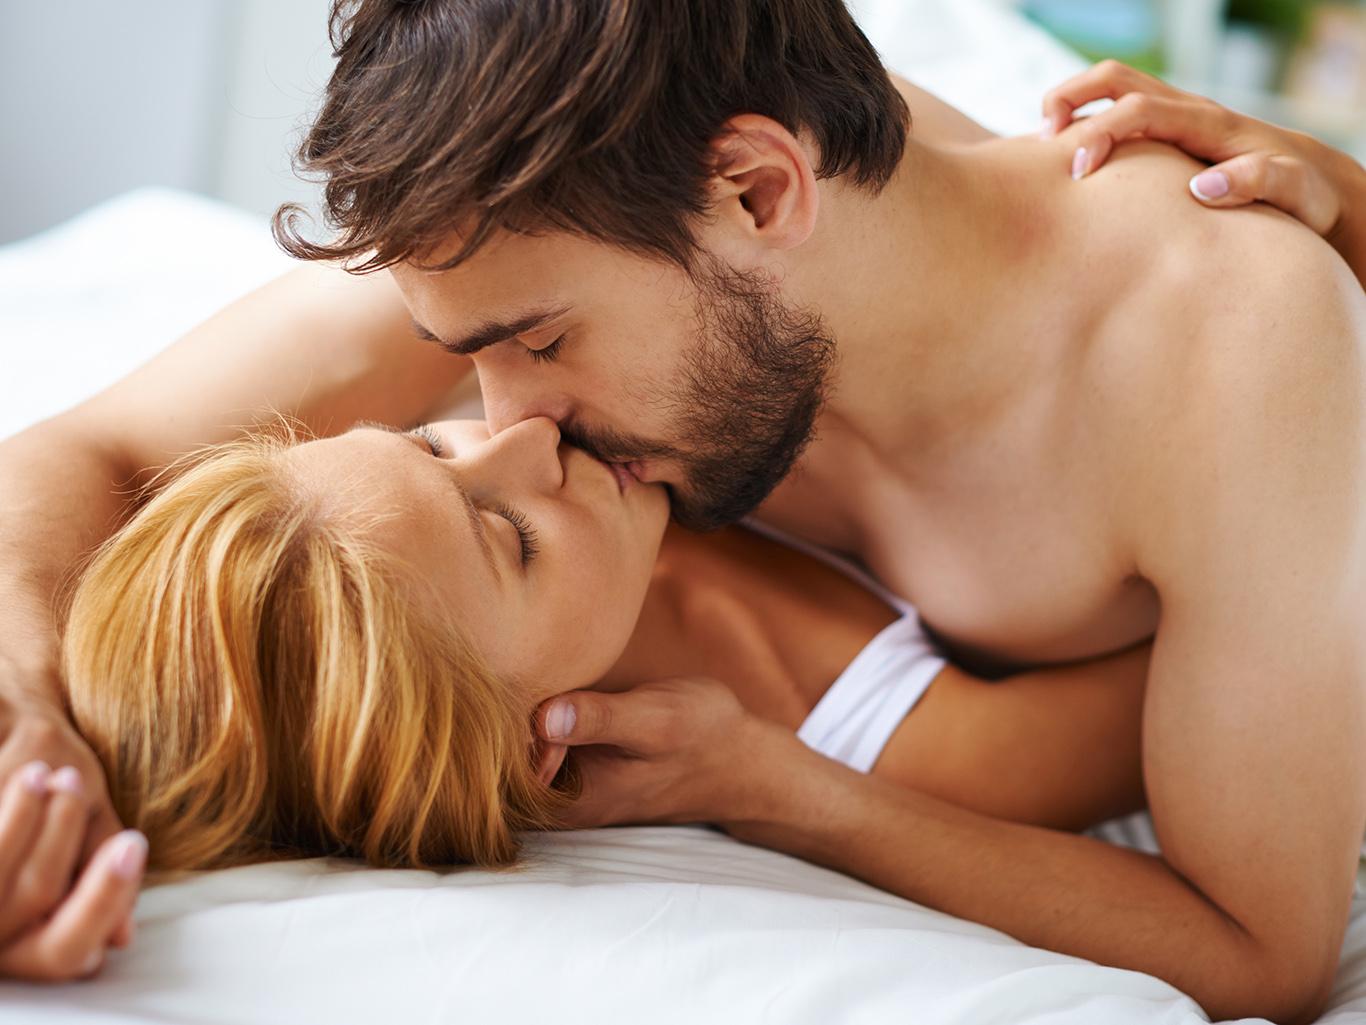 Секс ігри перед сексом, Секс Игры - Играть Порно Игры Онлайн 10 фотография